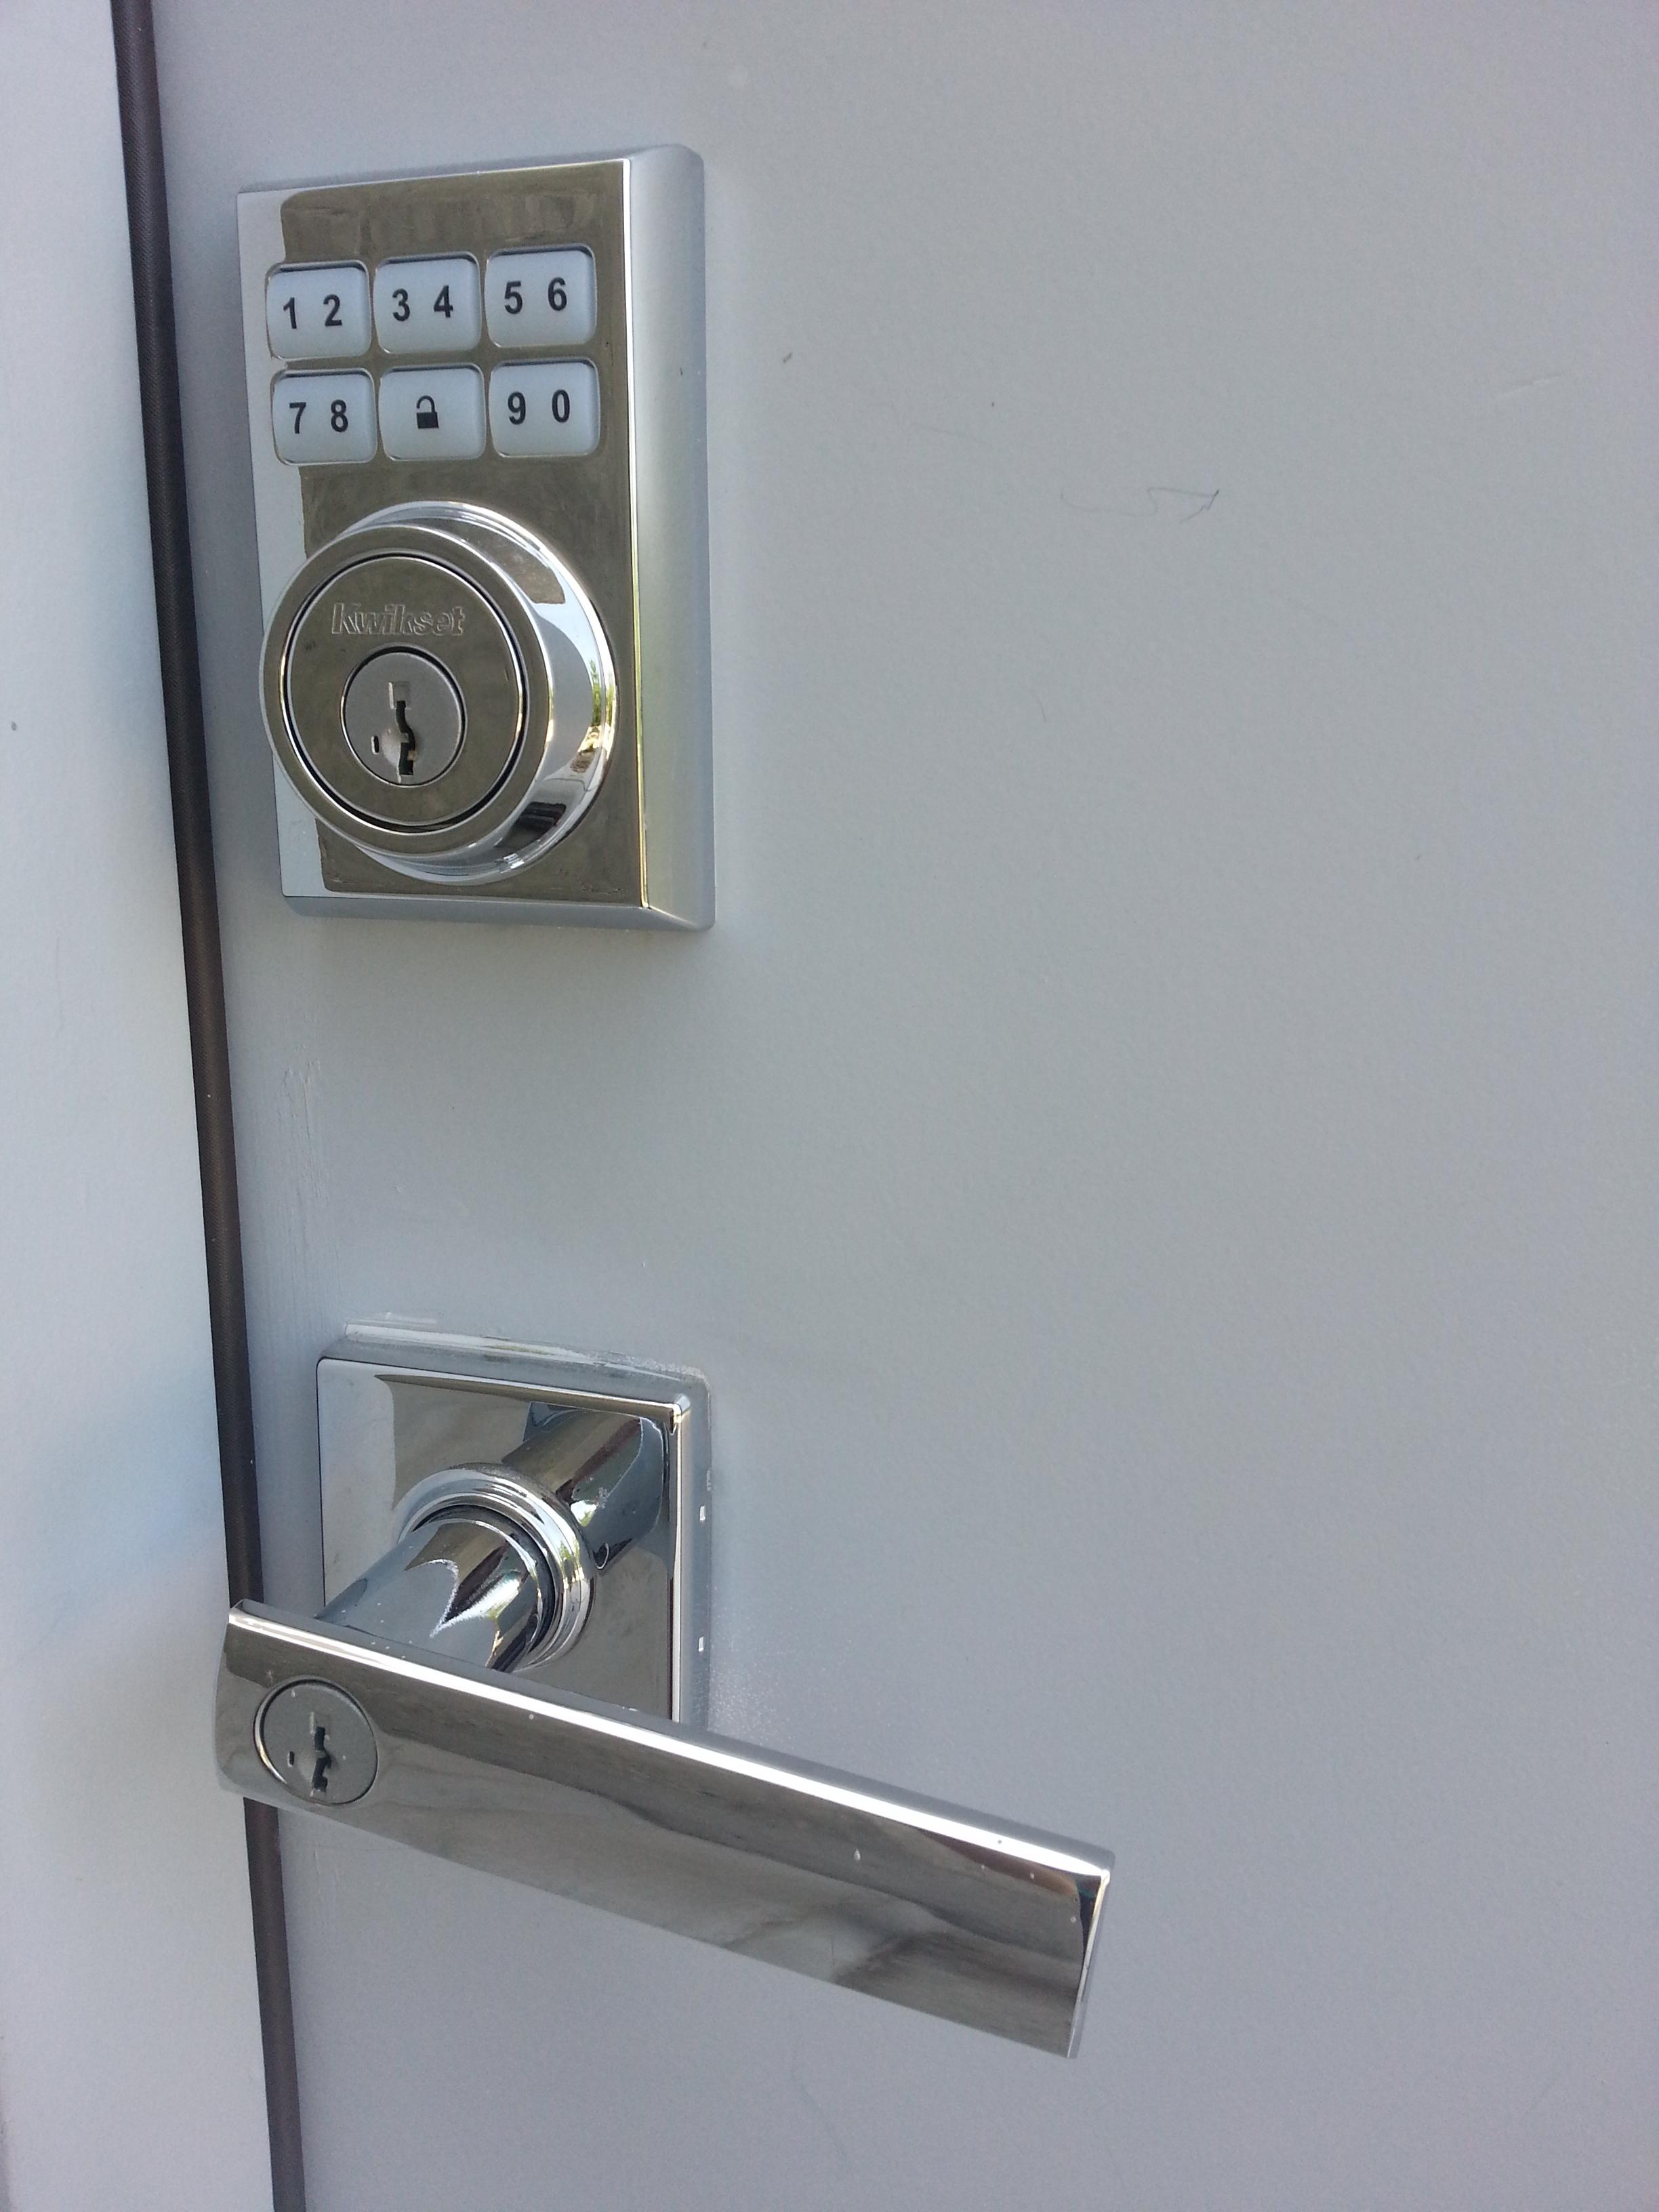 My Kwikset Z-wave lock.